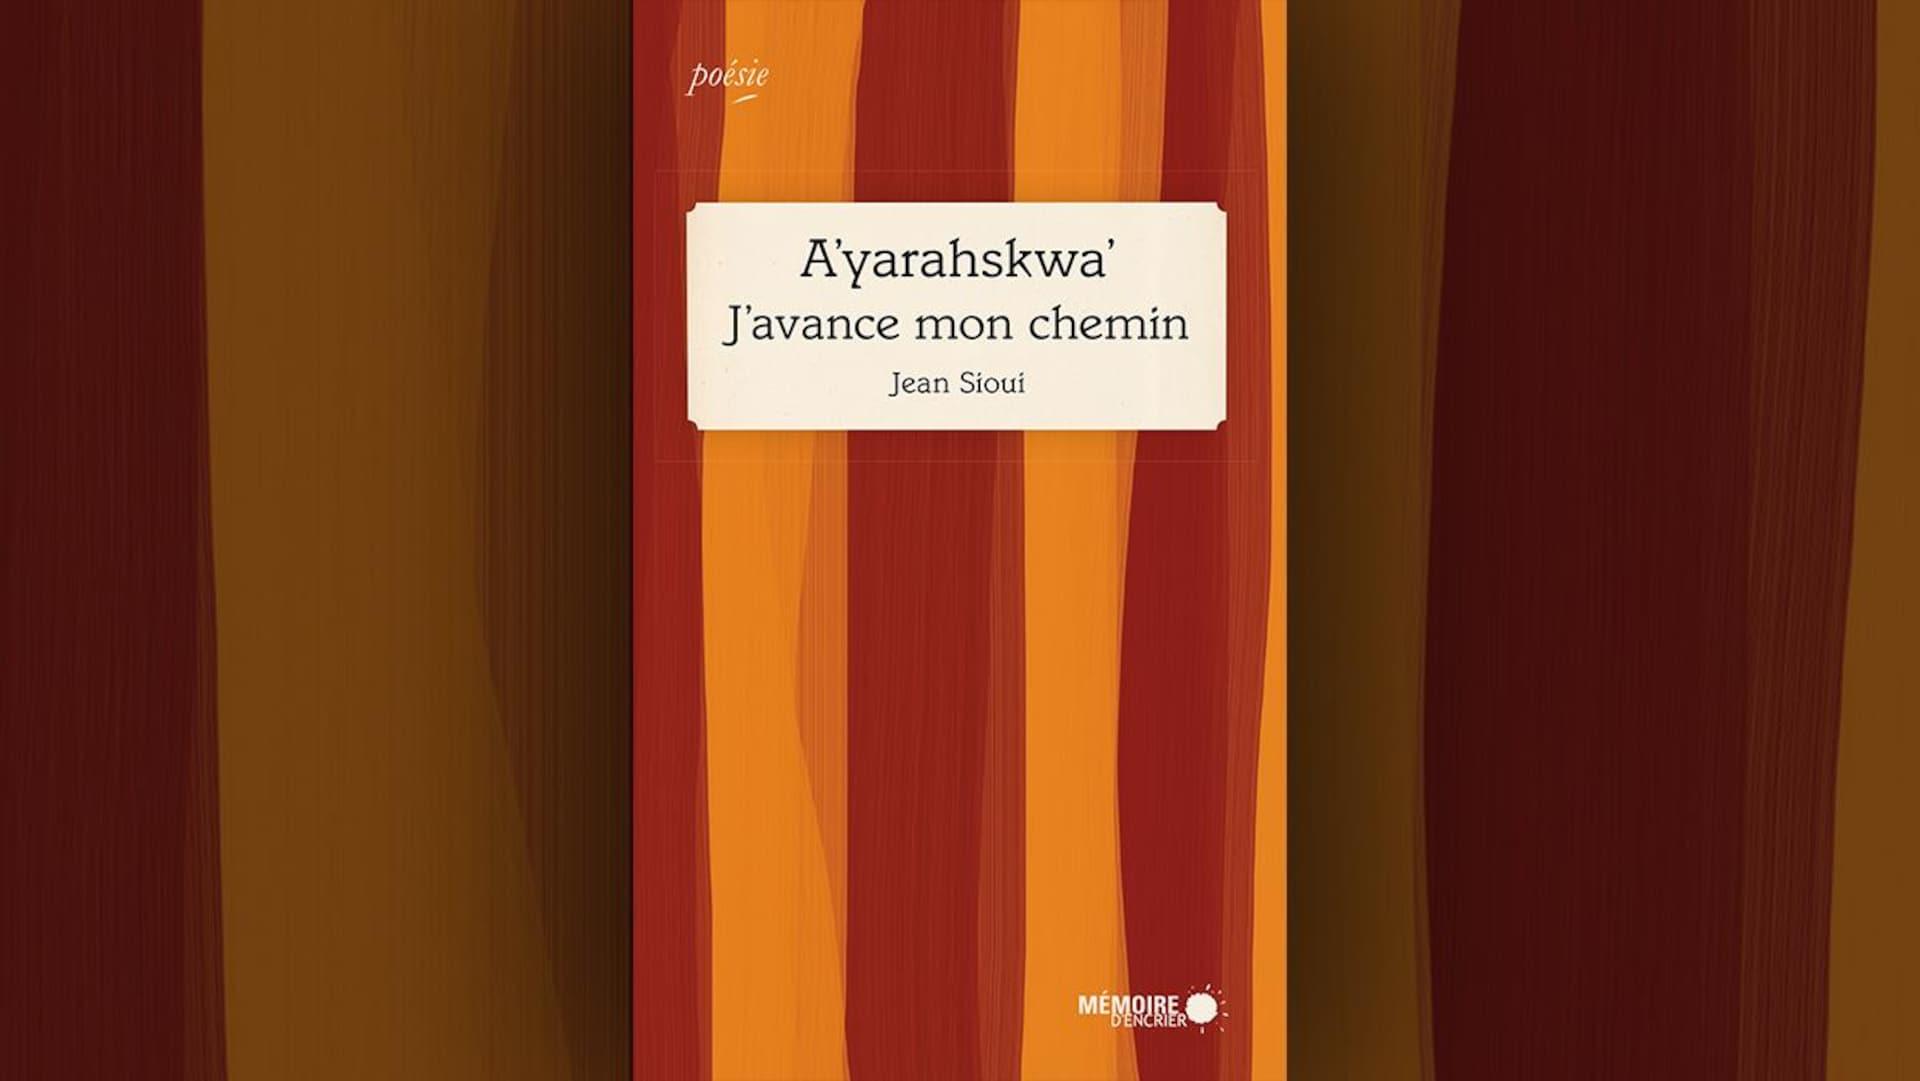 Image de la couverture du livre A'yarahskwa' J'avance mon chemin, de Jean Sioui. Le titre apparaît dans un rectangle blanc sur fond de rayures verticales jaunes et ocre.